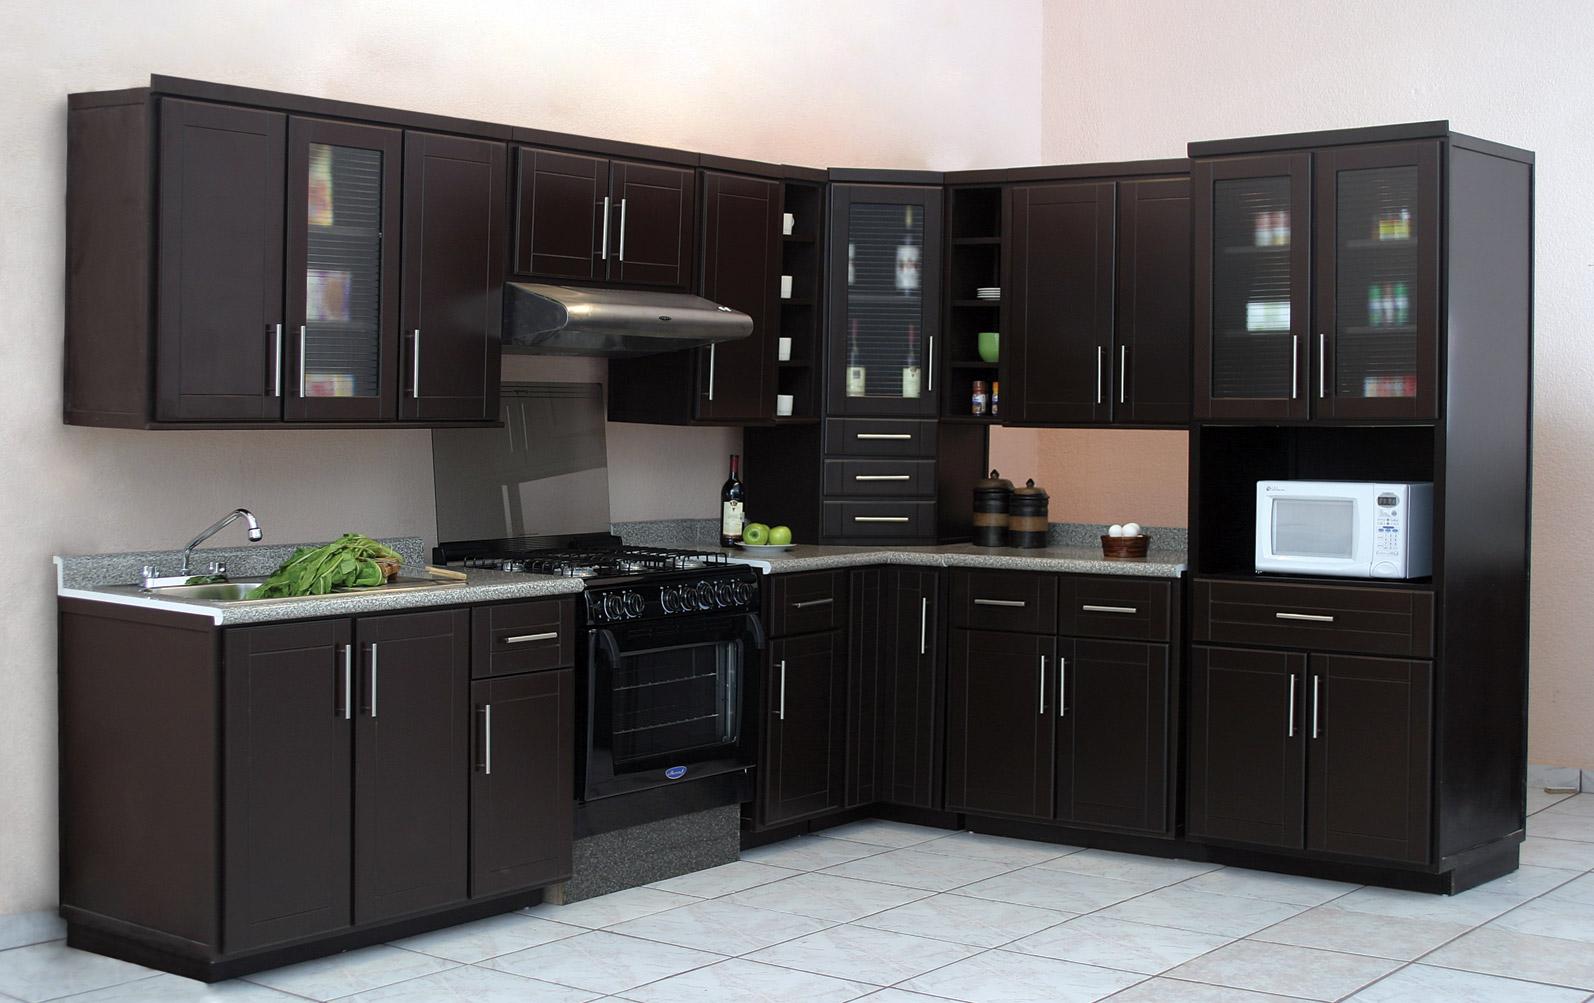 Cocinas industria procesadora de maderas ipm for Disenos cocinas integrales